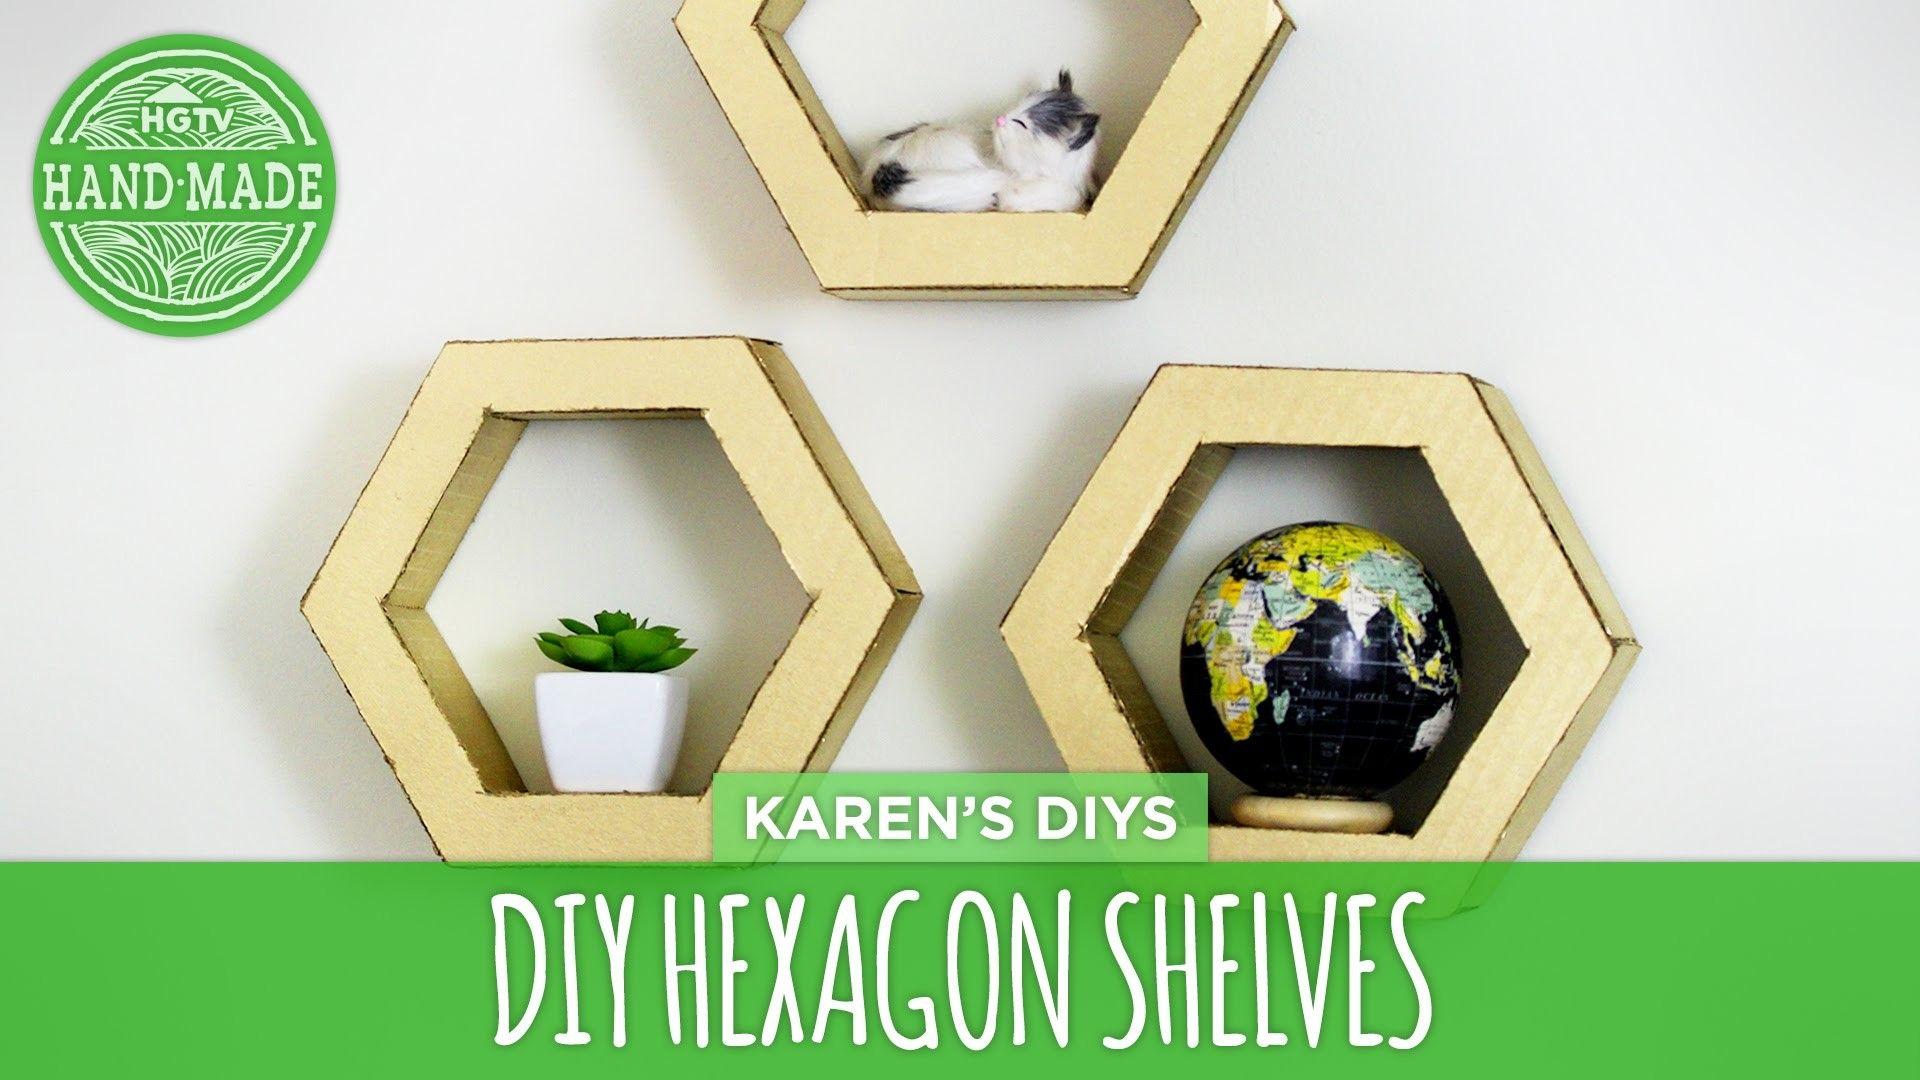 DIY Hexagon Shelves from Cardboard - HGTV Handmade | Hgtv, Shelves ...